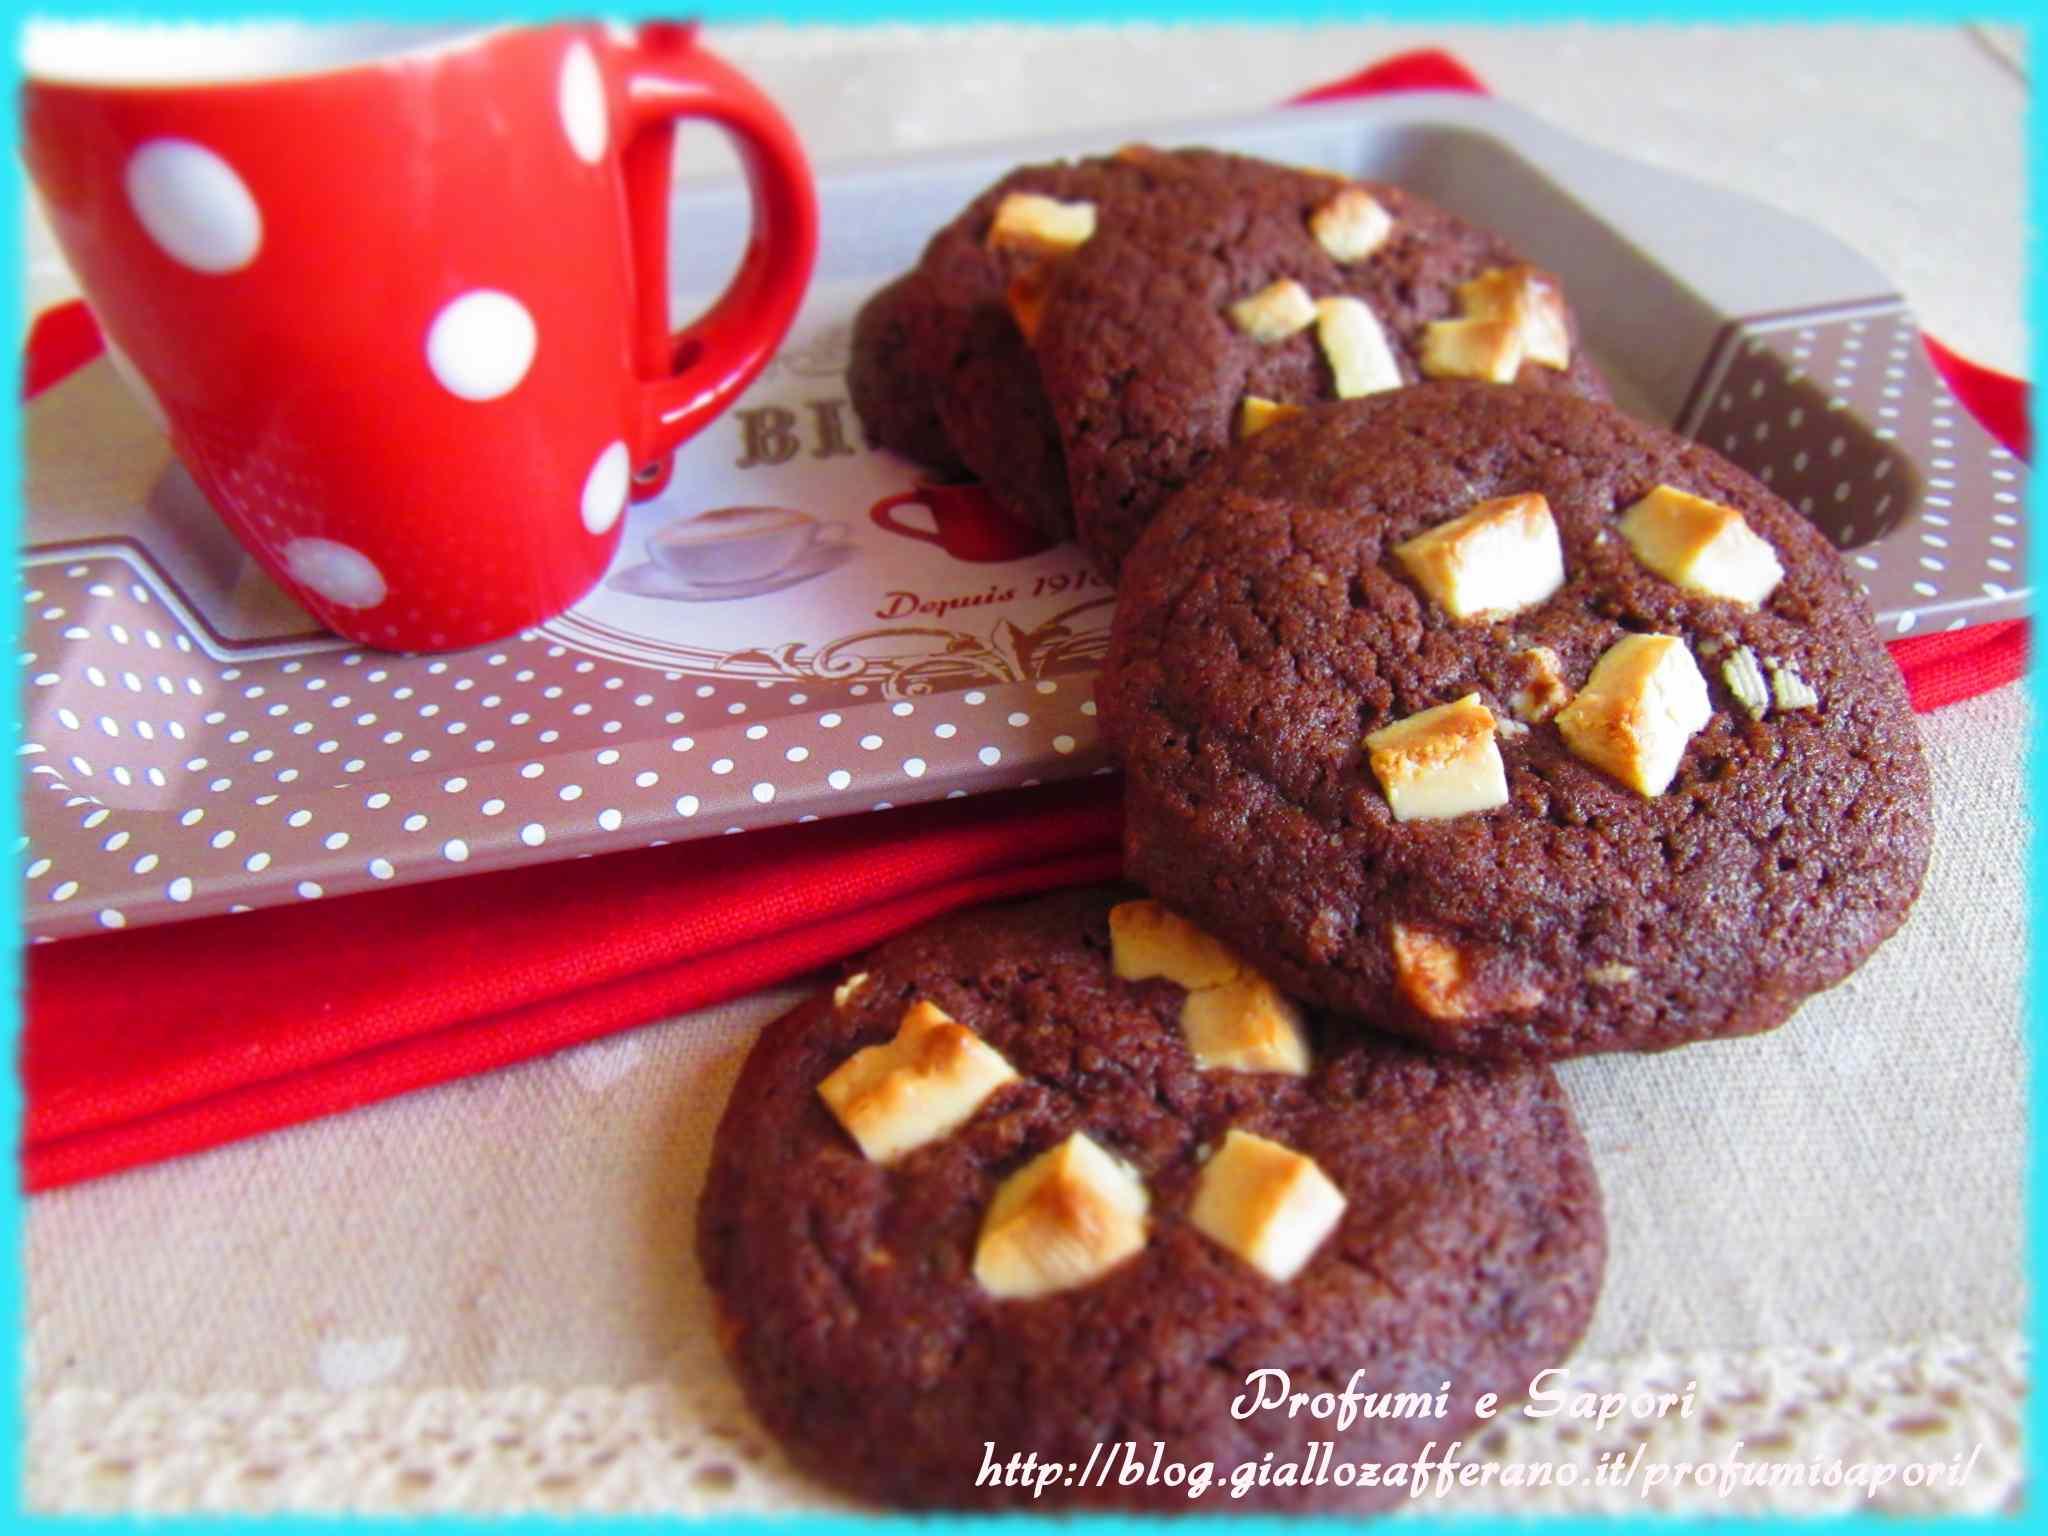 Ricetta: Cookies al cacao e cioccolato bianco